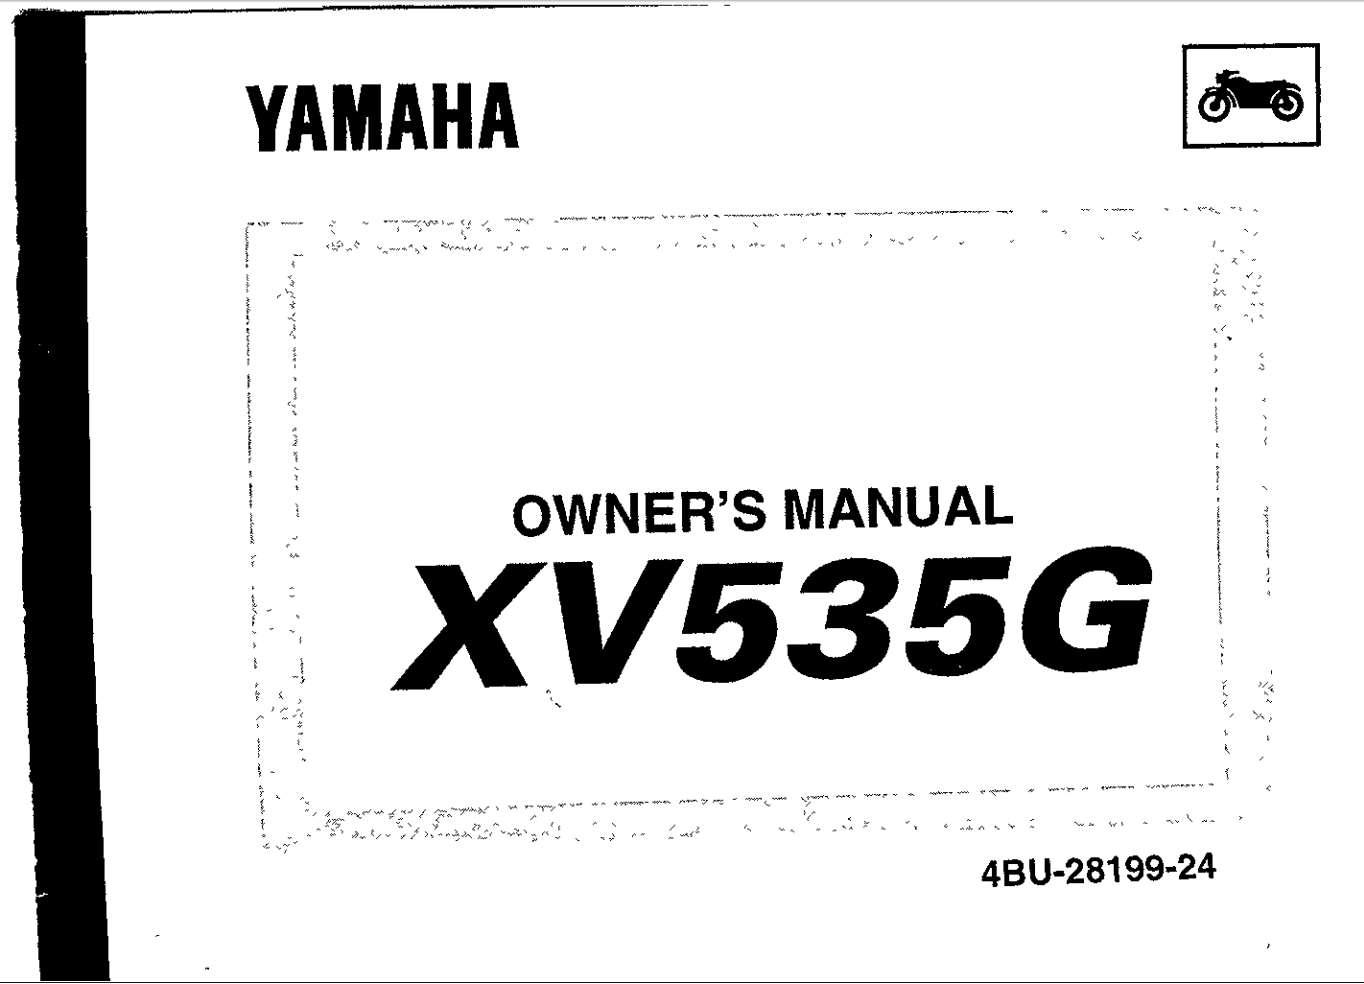 Yamaha XV535 G 1995 Owner's Manual